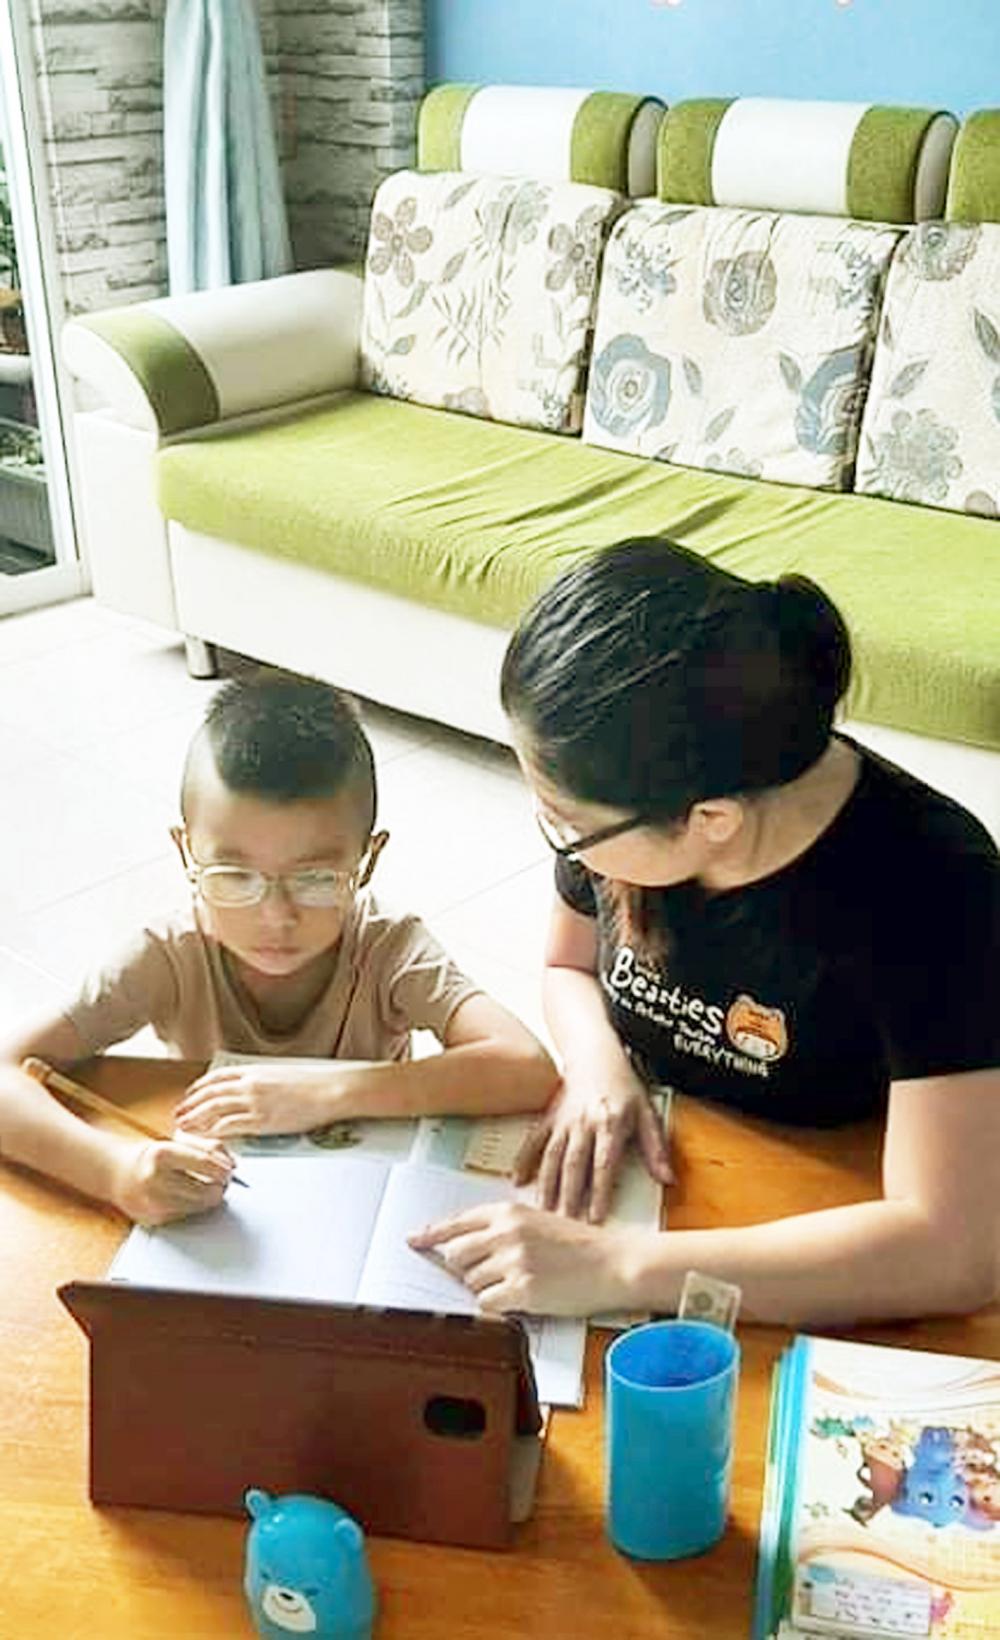 Một học sinh lớp Hai tại H.Bình Chánh, TP.HCM luôn cần có mẹ hỗ trợ khi học online - ẢNH: PHÚC TRẦN